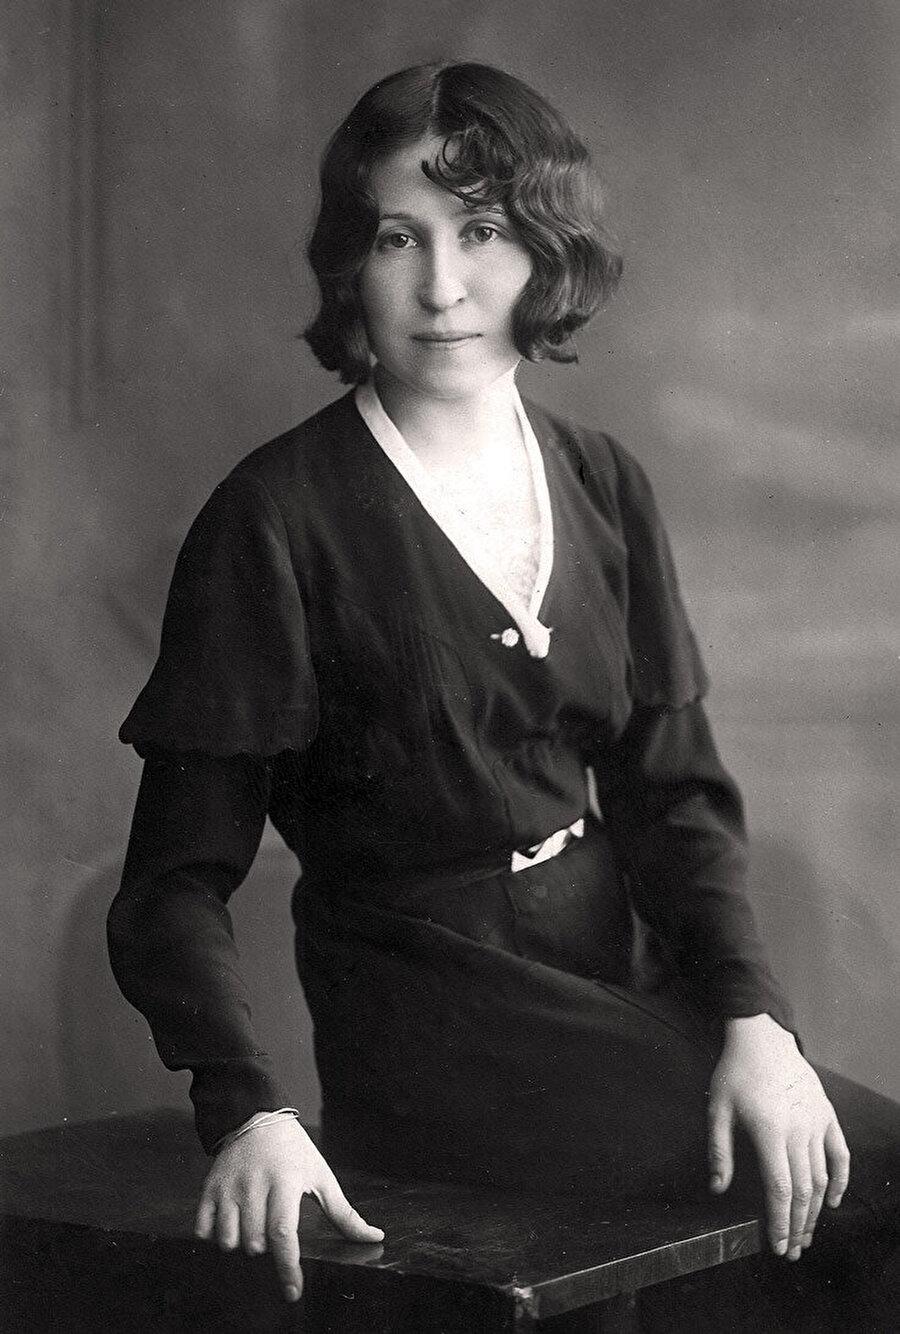 Münevver Belen                                      Hep yabancı mimarlar mı var diyorsanız söyleyelim Türk mimarları sona bıraktık. Münevver Belen ile de listeyi başlatıyoruz. Belen, Türkiye'nin ilk kadın yüksek mimarıdır. Aynı zamanda Güzel Sanatlar Akademisi'nin de ilk kadın mezunlarındandır. Belen, kariyeri boyunca Türkiye'nin ikinci kadın mimarı Leman Cevat Tomsu ile birlikte ortak çalışmalara imza attı. Türk kadın mimarlar, öncünüz belli.